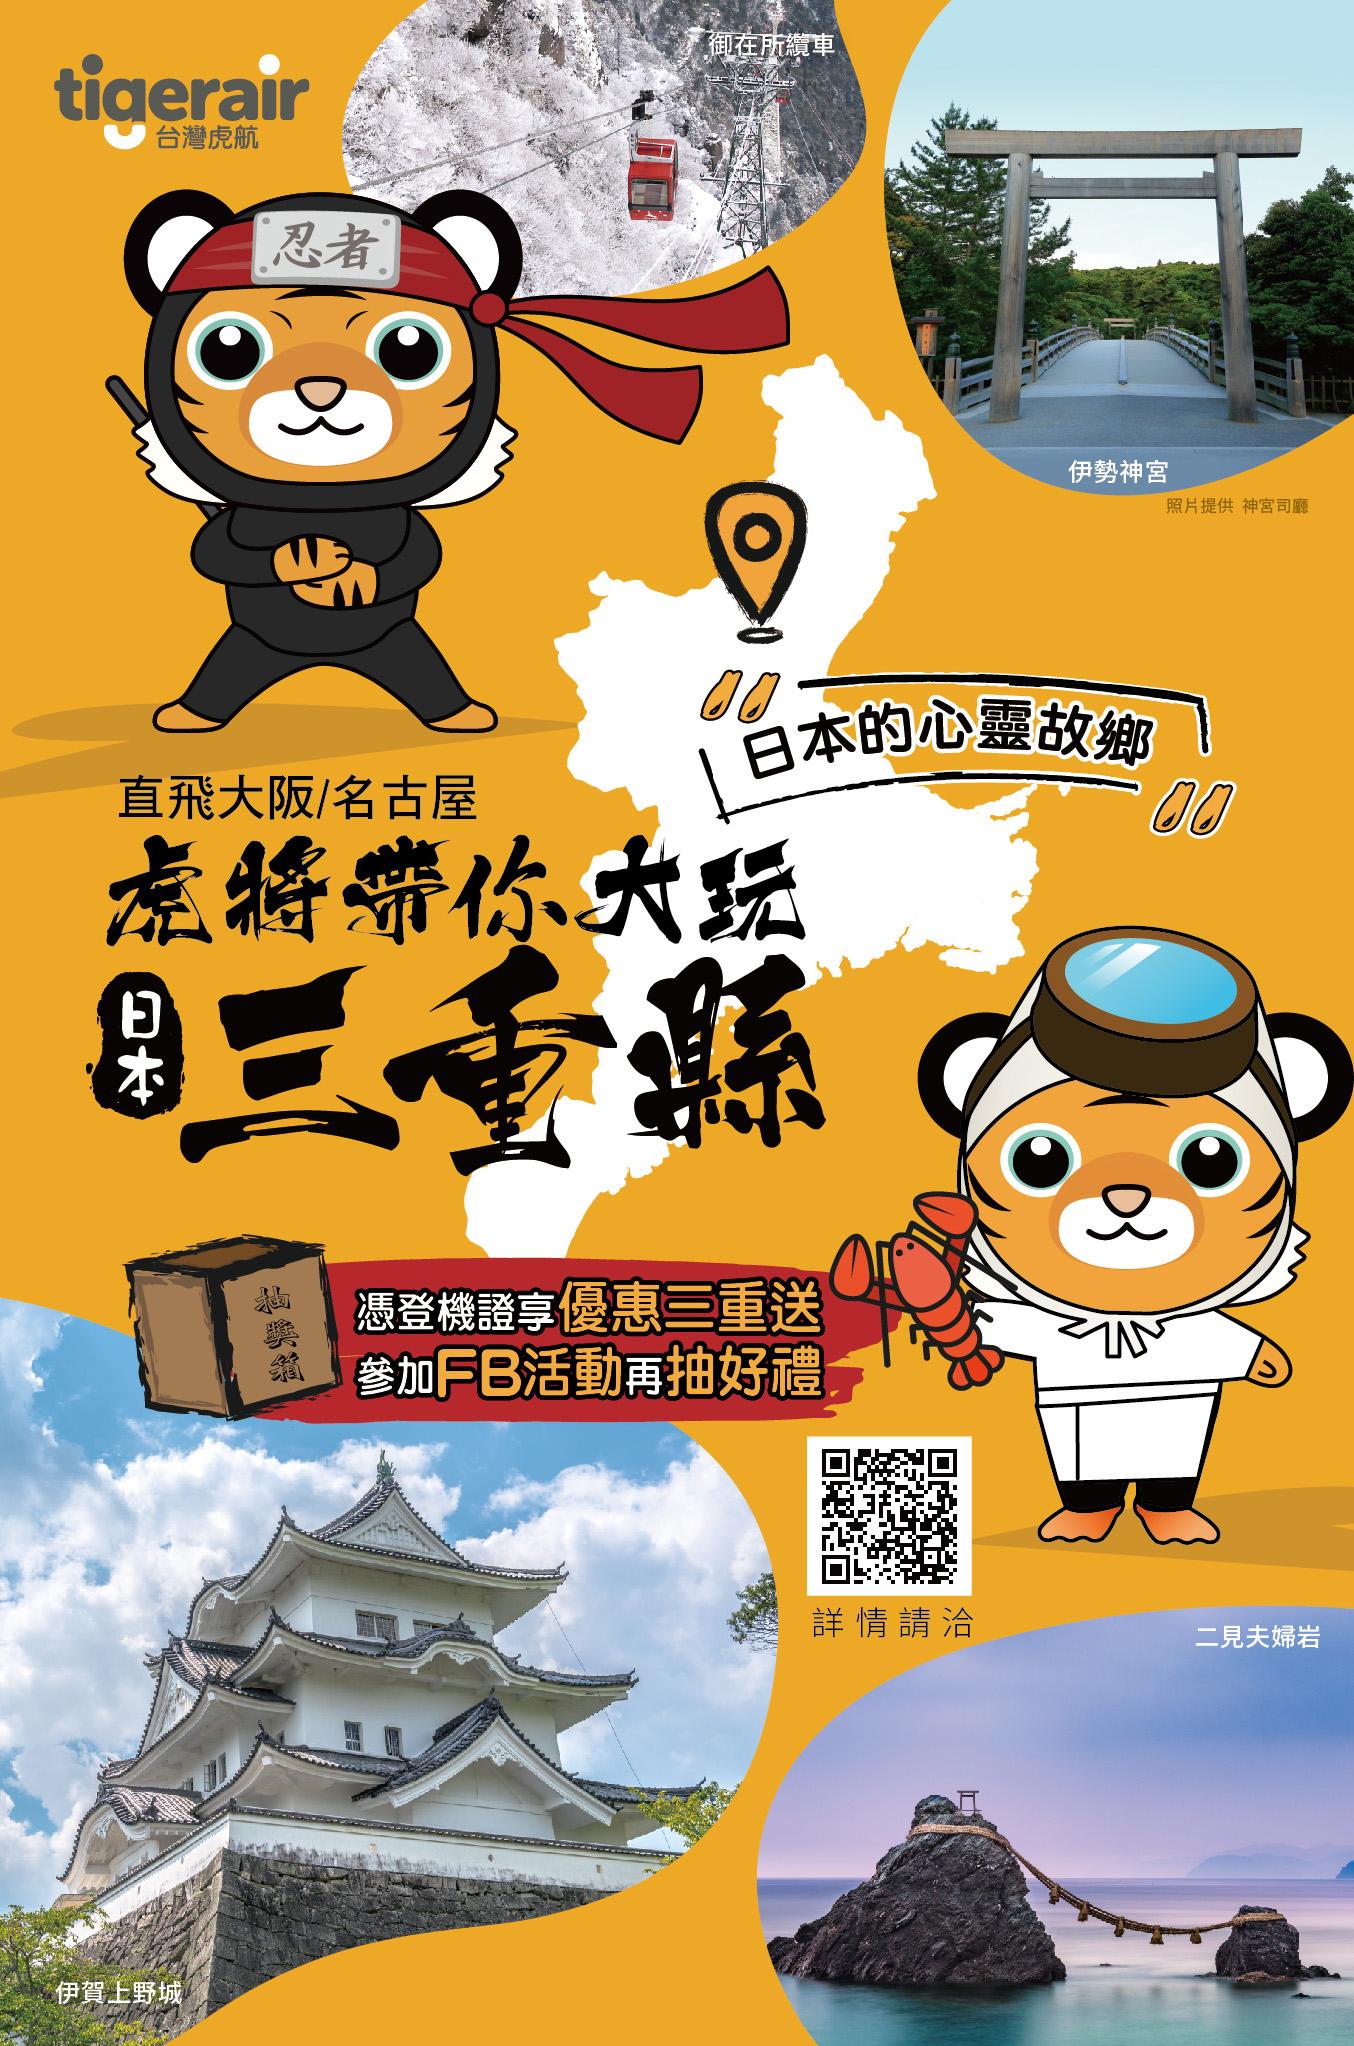 三重県 タイガーエア台湾のタイアップ駅ナカ広告デザイン